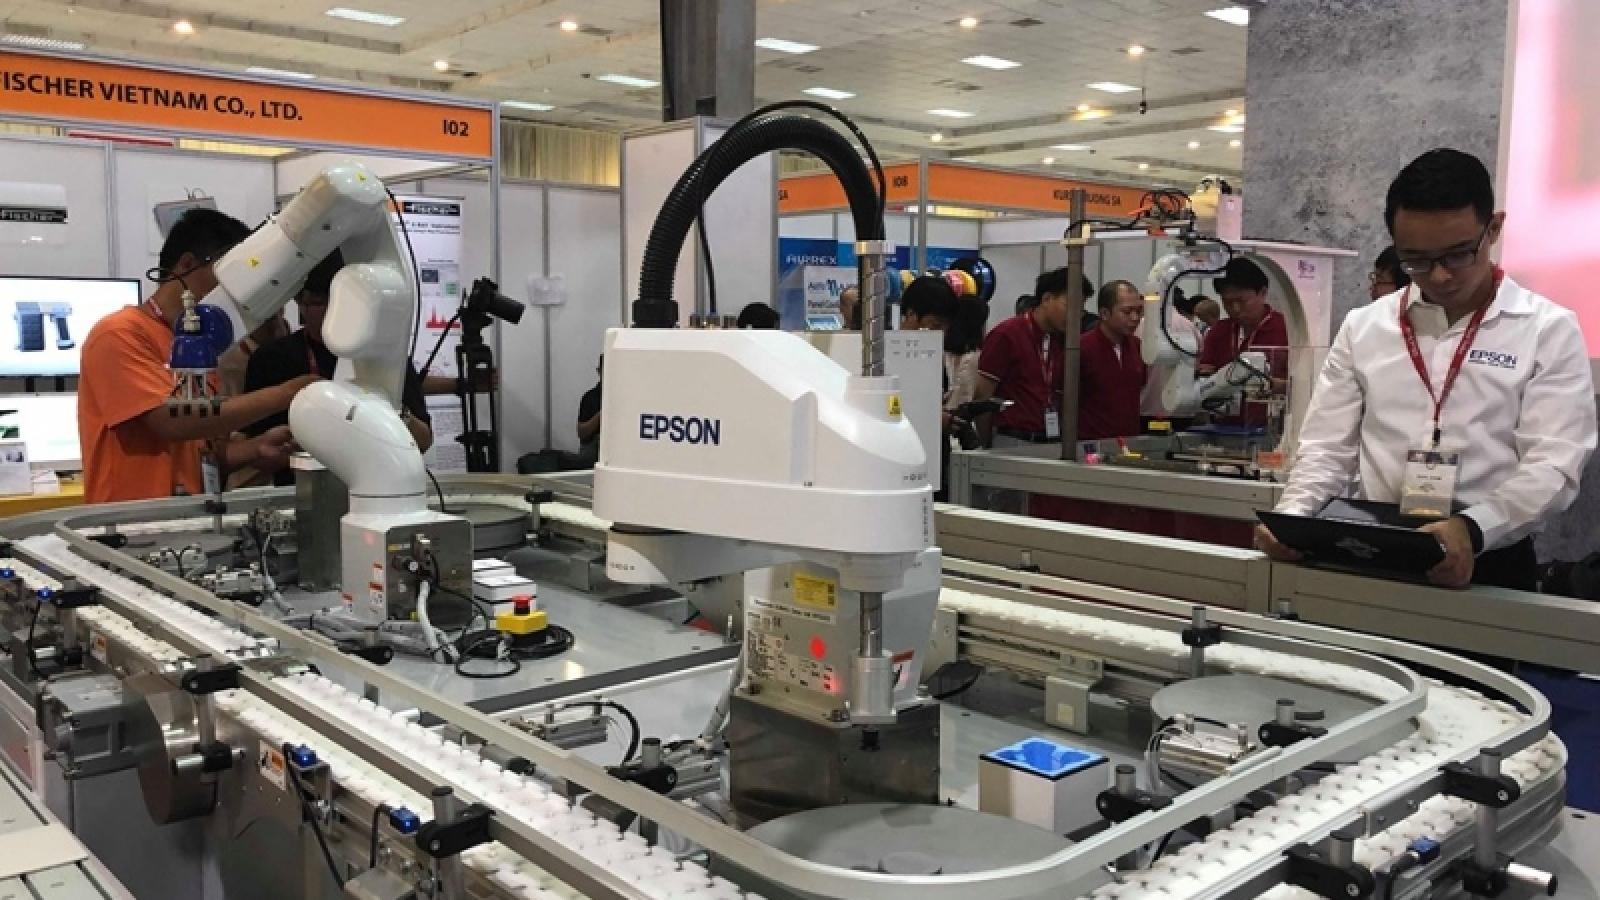 Thương mại điện tử - giải pháp cứu nguy cho hàng hóa xuất khẩu